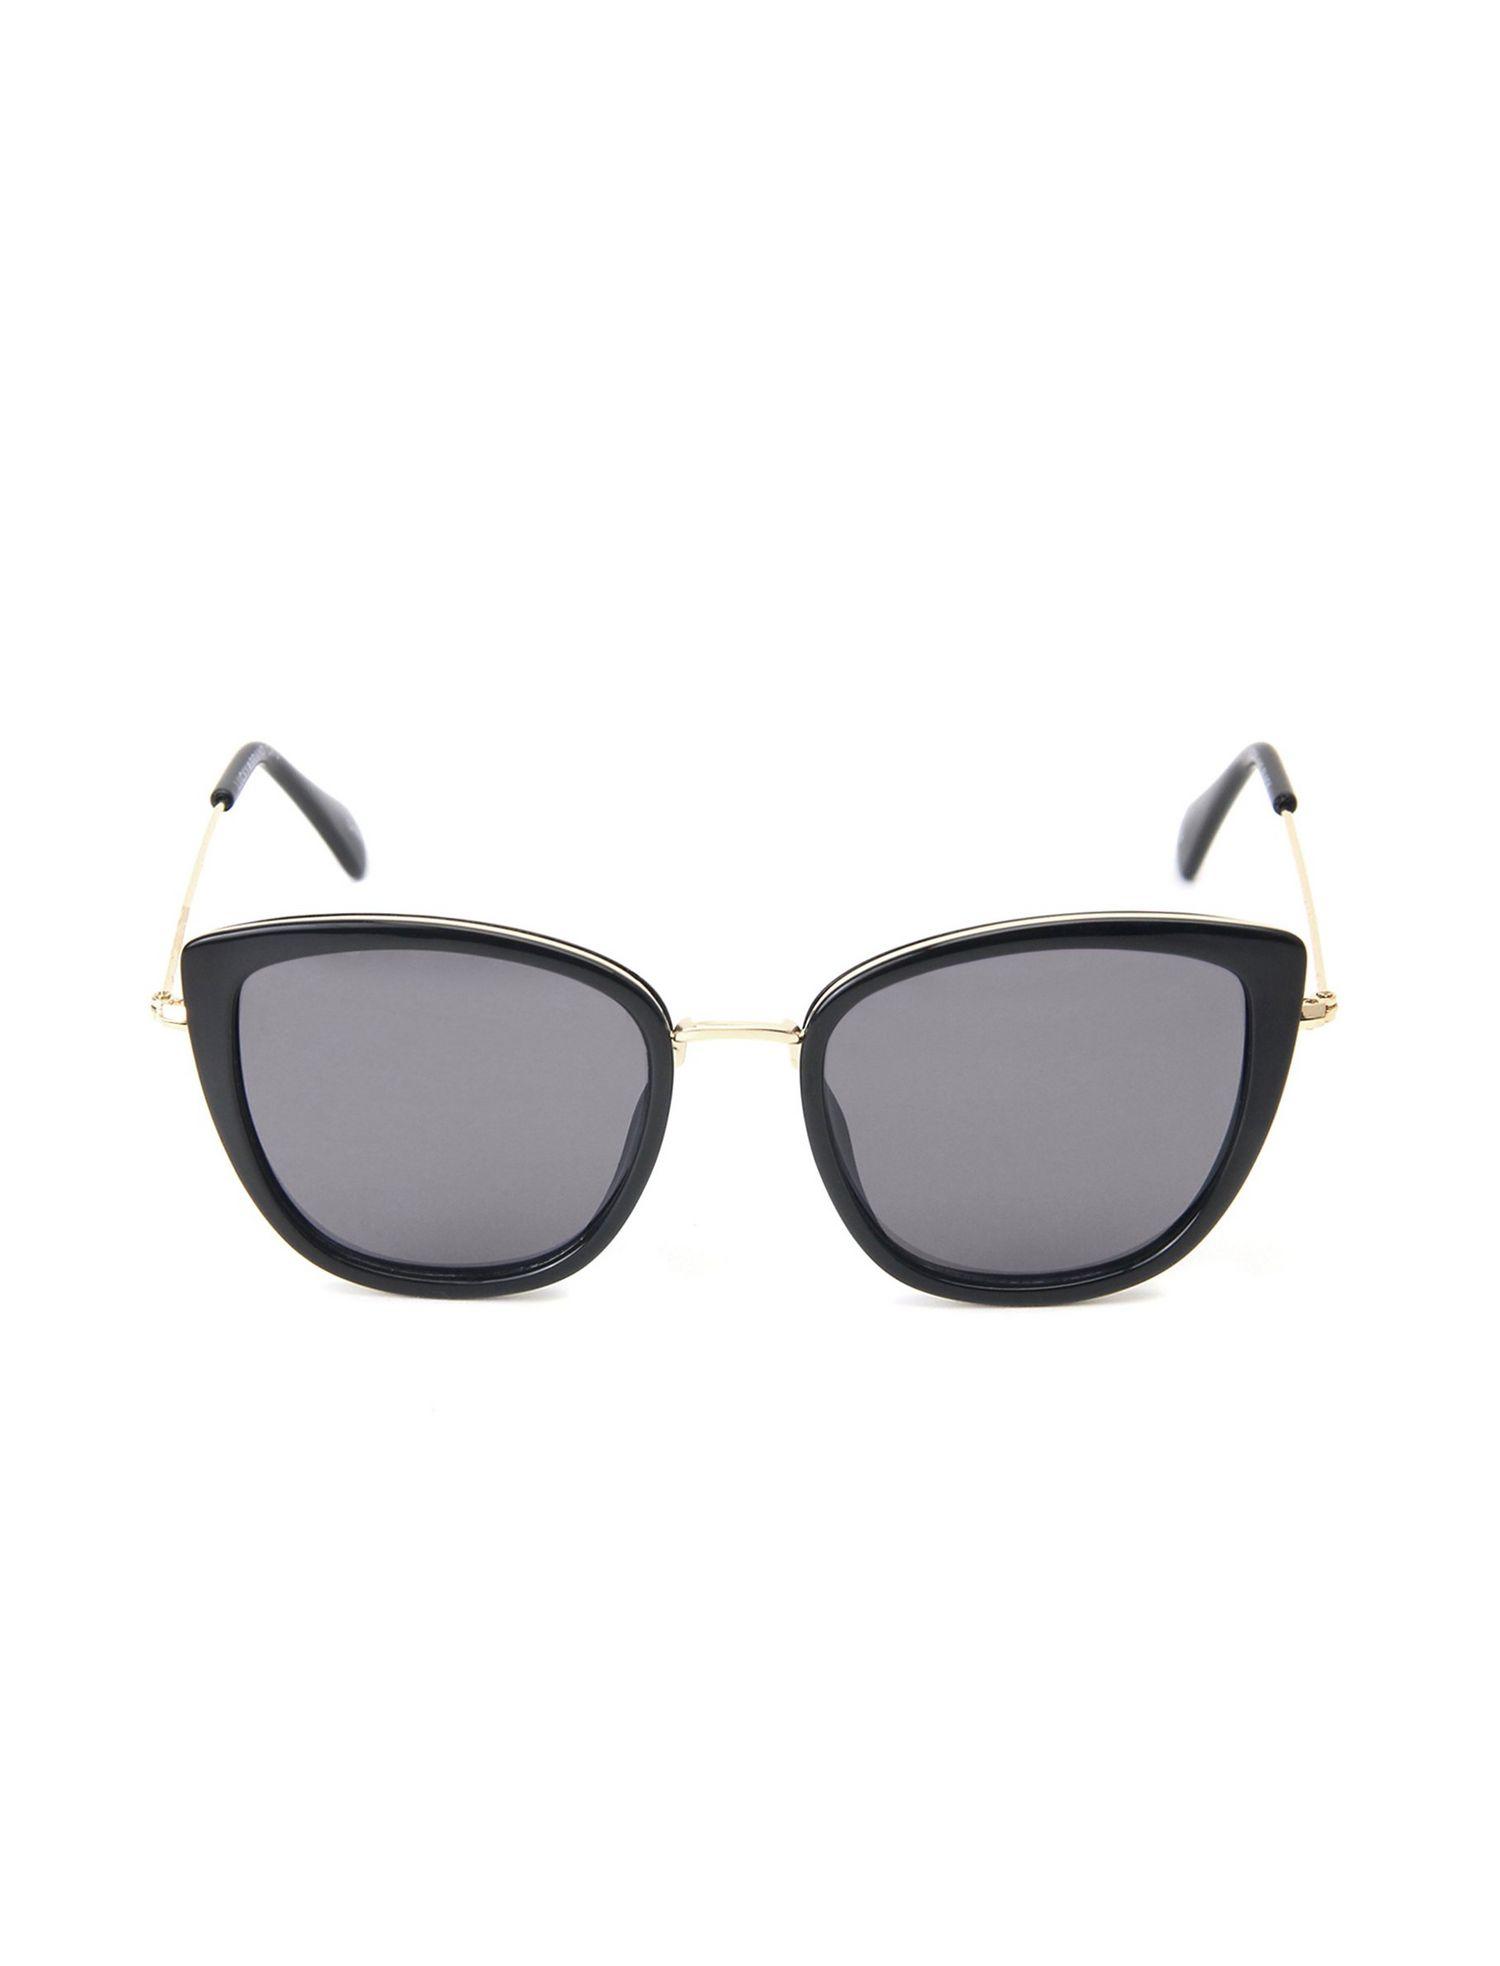 Eyeglasses Lucky Brand D 410 Black